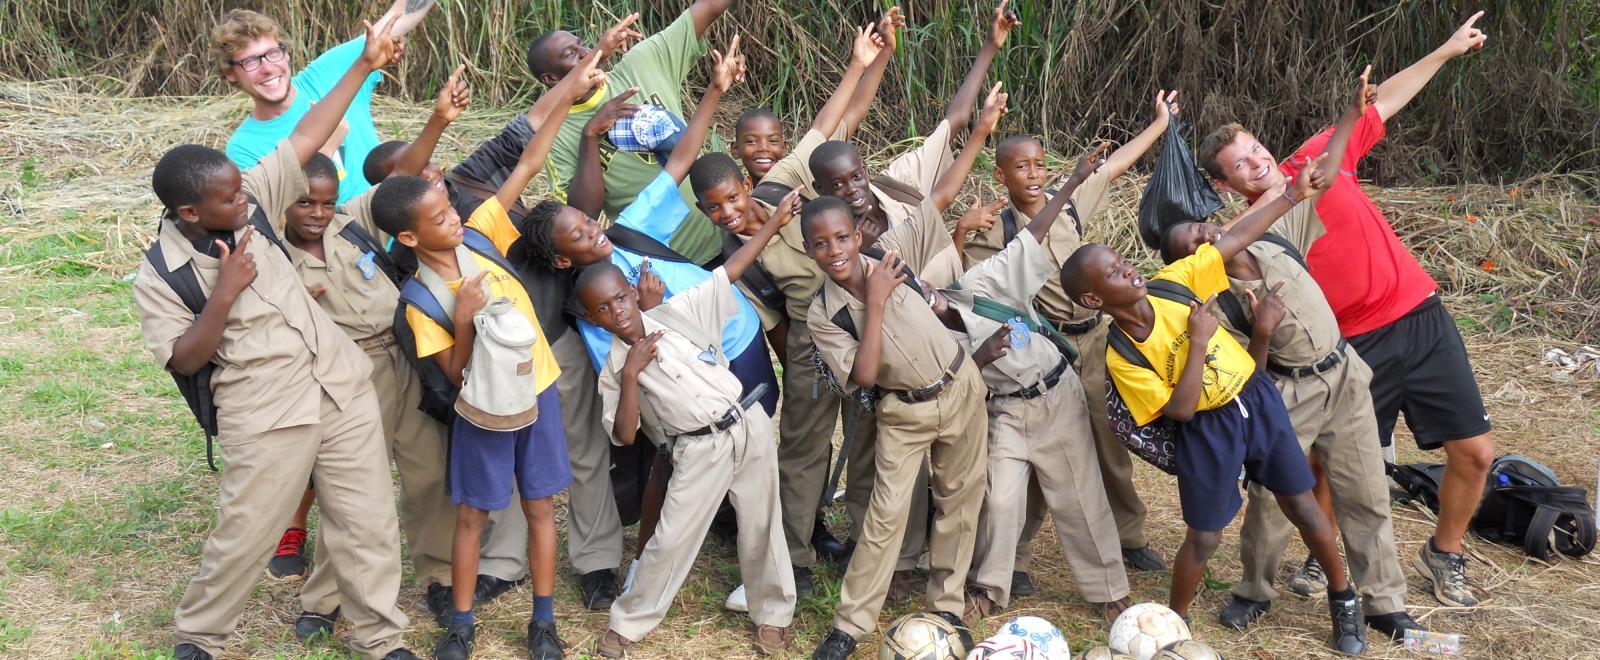 Des volontaires et enfants prennent la pose avant leur entraînement de football.